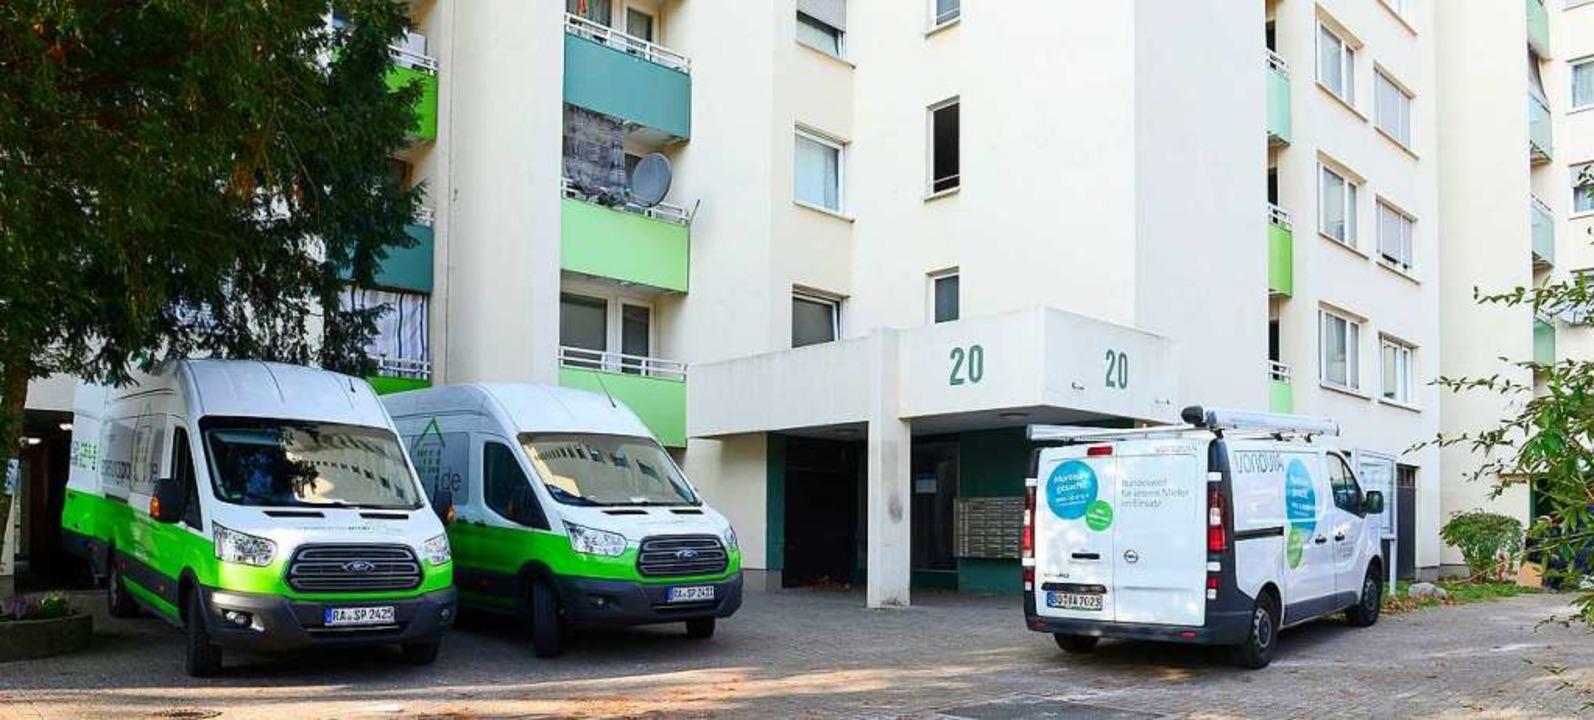 Legionellenalarm: In den Wohnungen obe...öpfe und Wasserhähne eingebaut werden.    Foto: Ingo Schneider